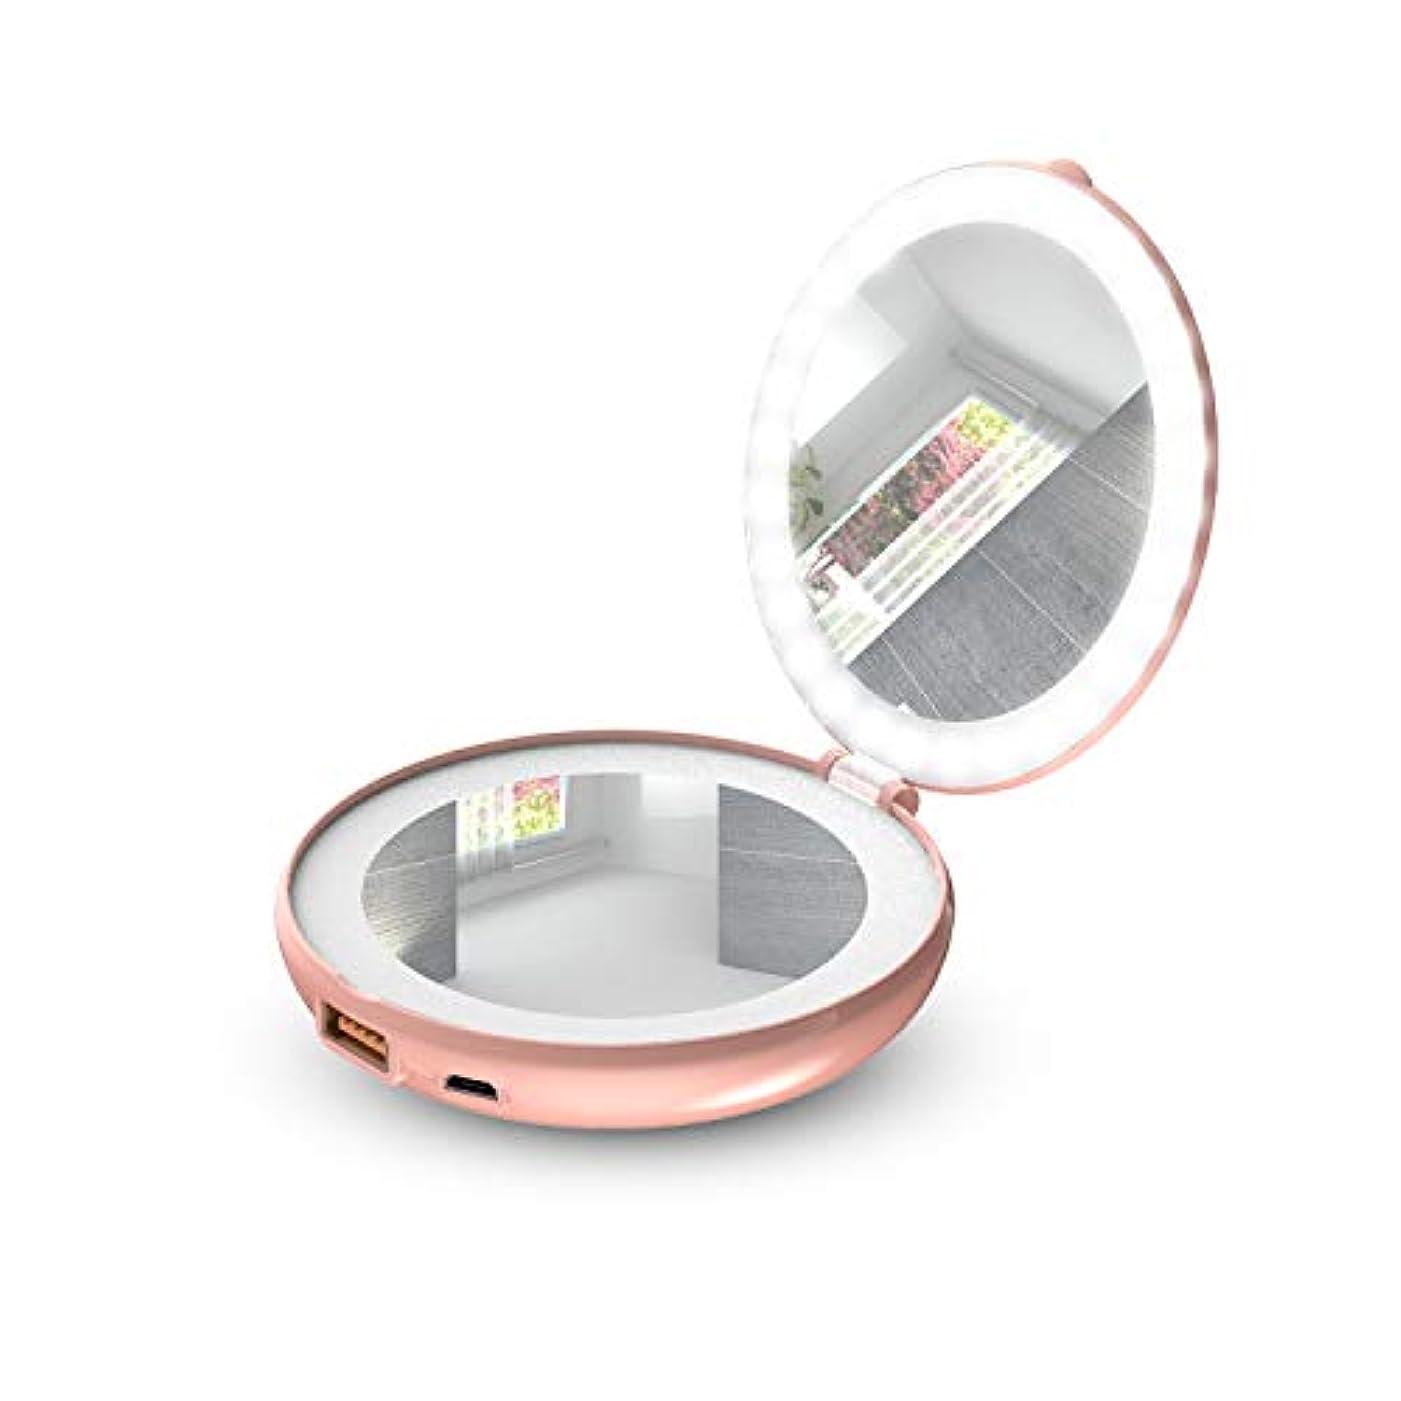 手鏡 折り畳み式化粧鏡 メイクアップミラー LEDライト&モバイルバッテリー付き (ローズゴールド)